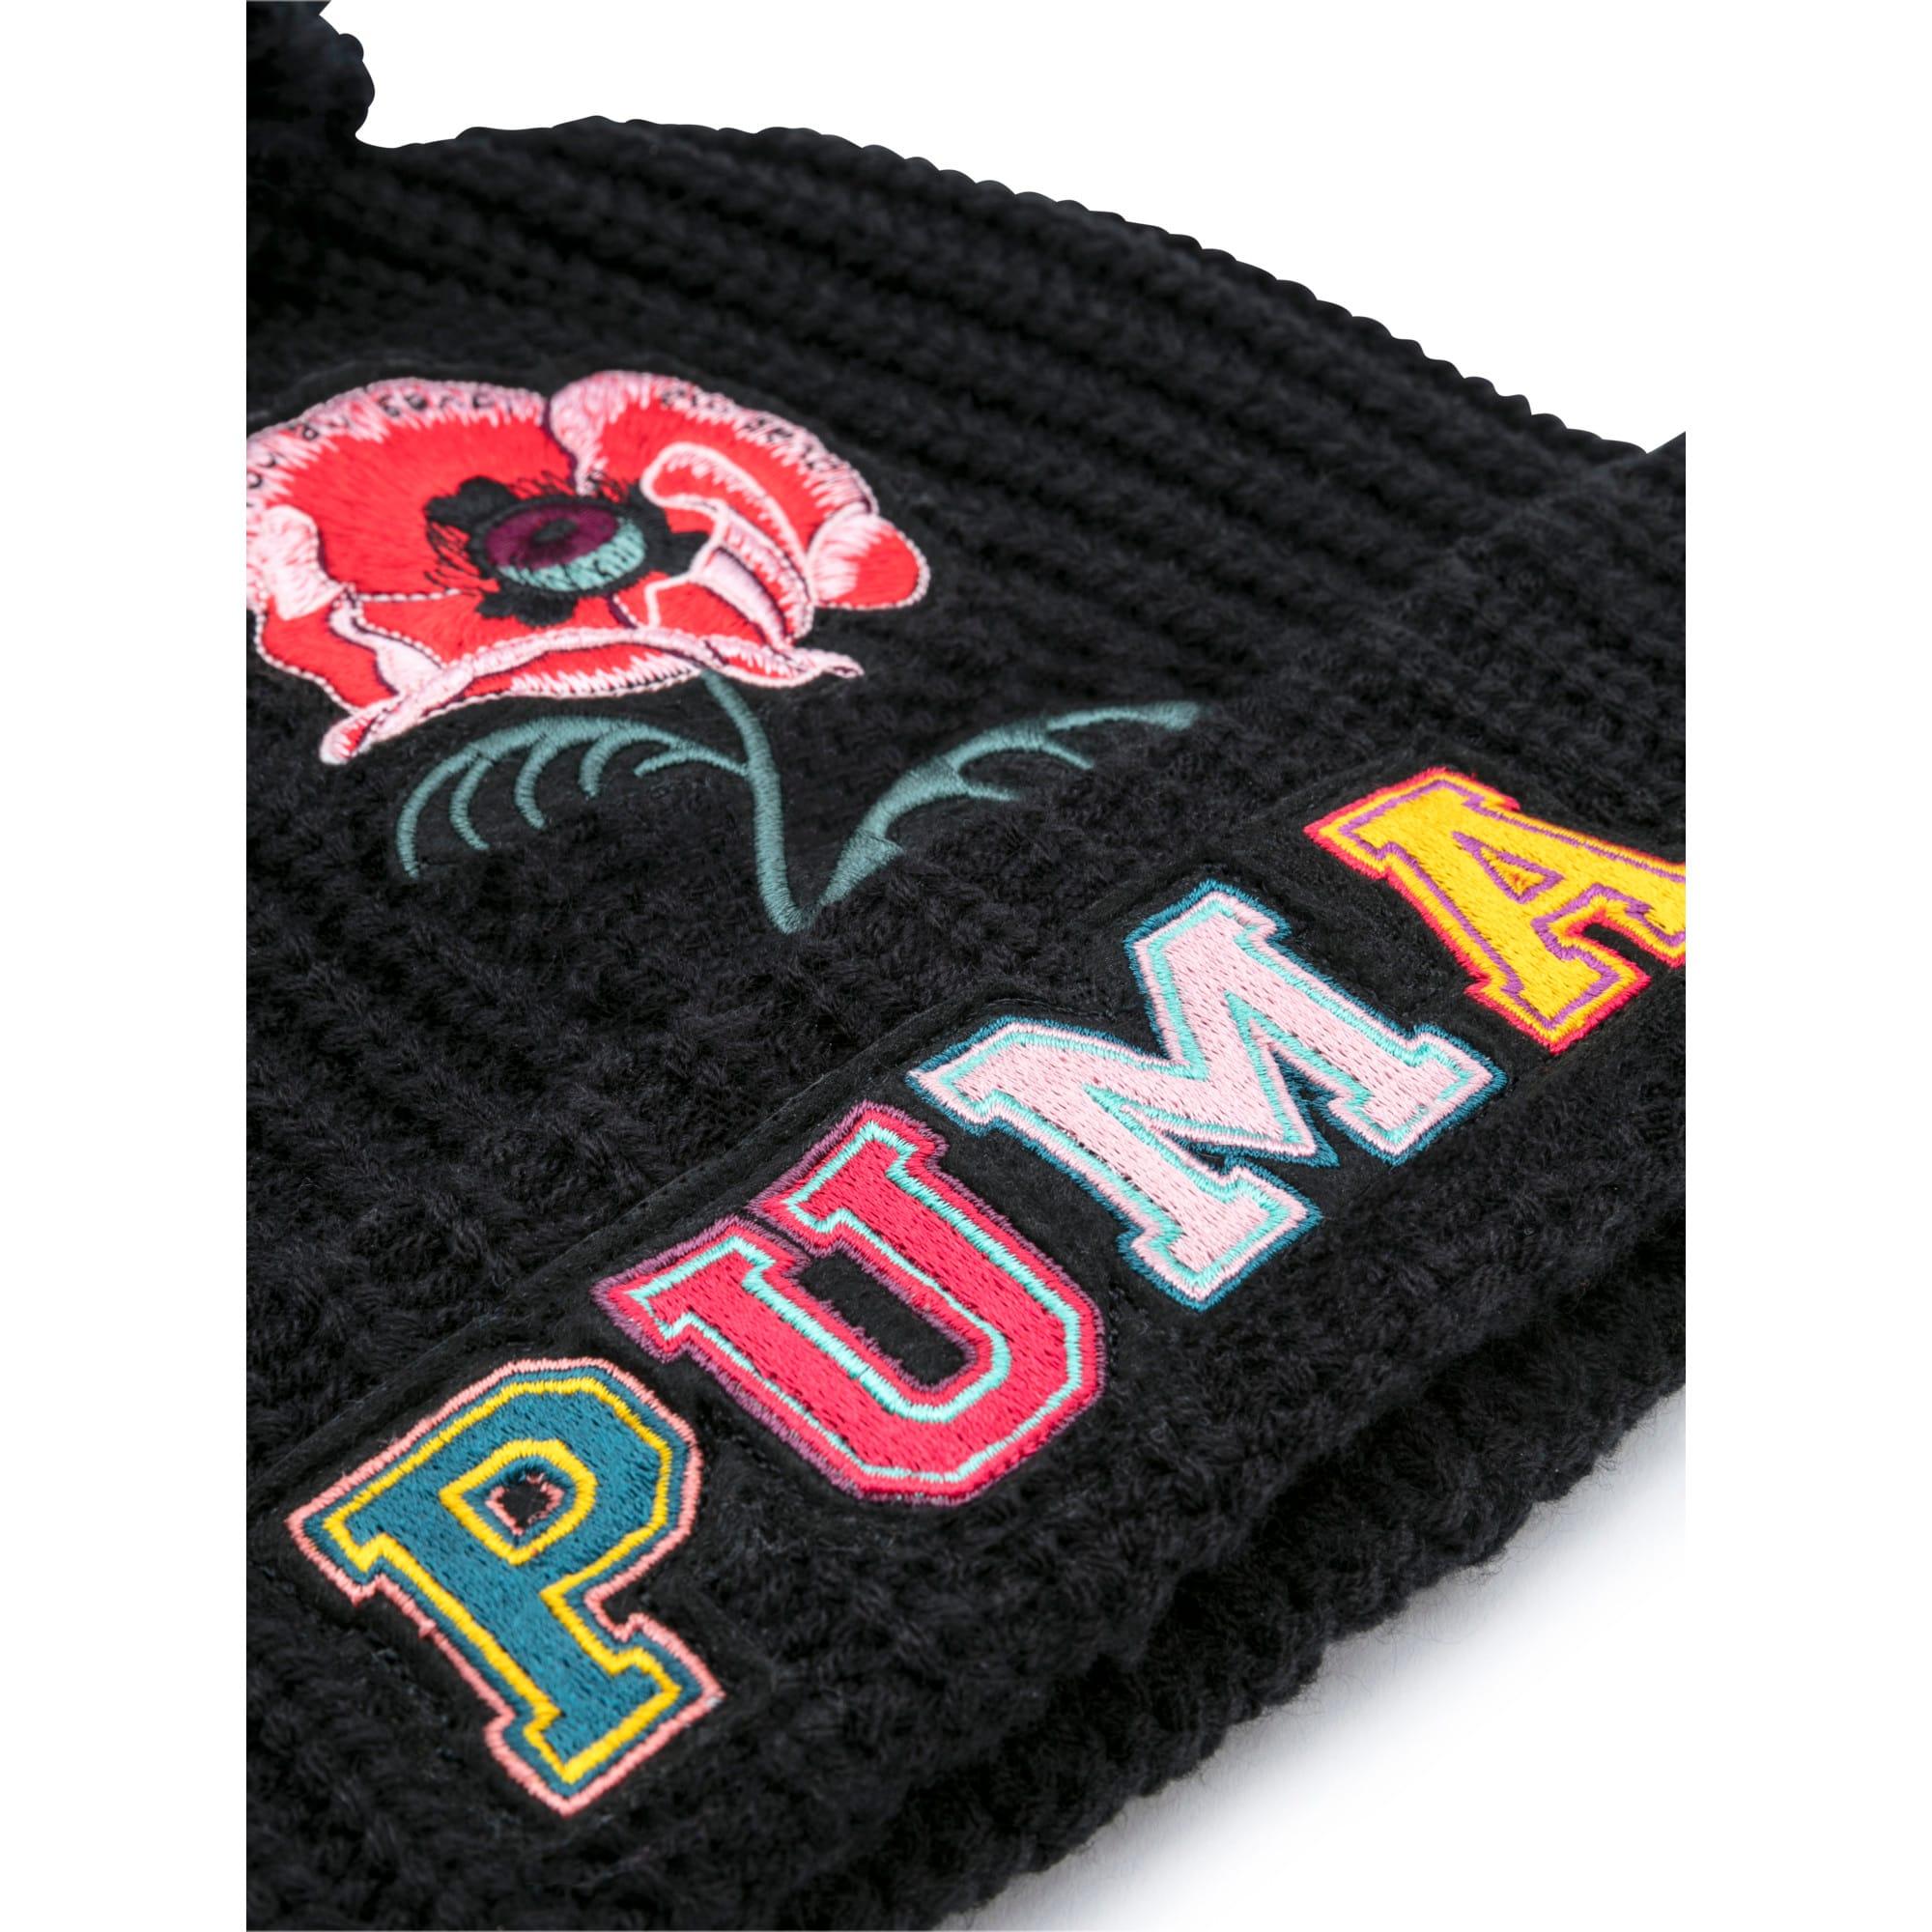 Thumbnail 3 of PUMA x SUE TSAI Beanie, Puma Black, medium